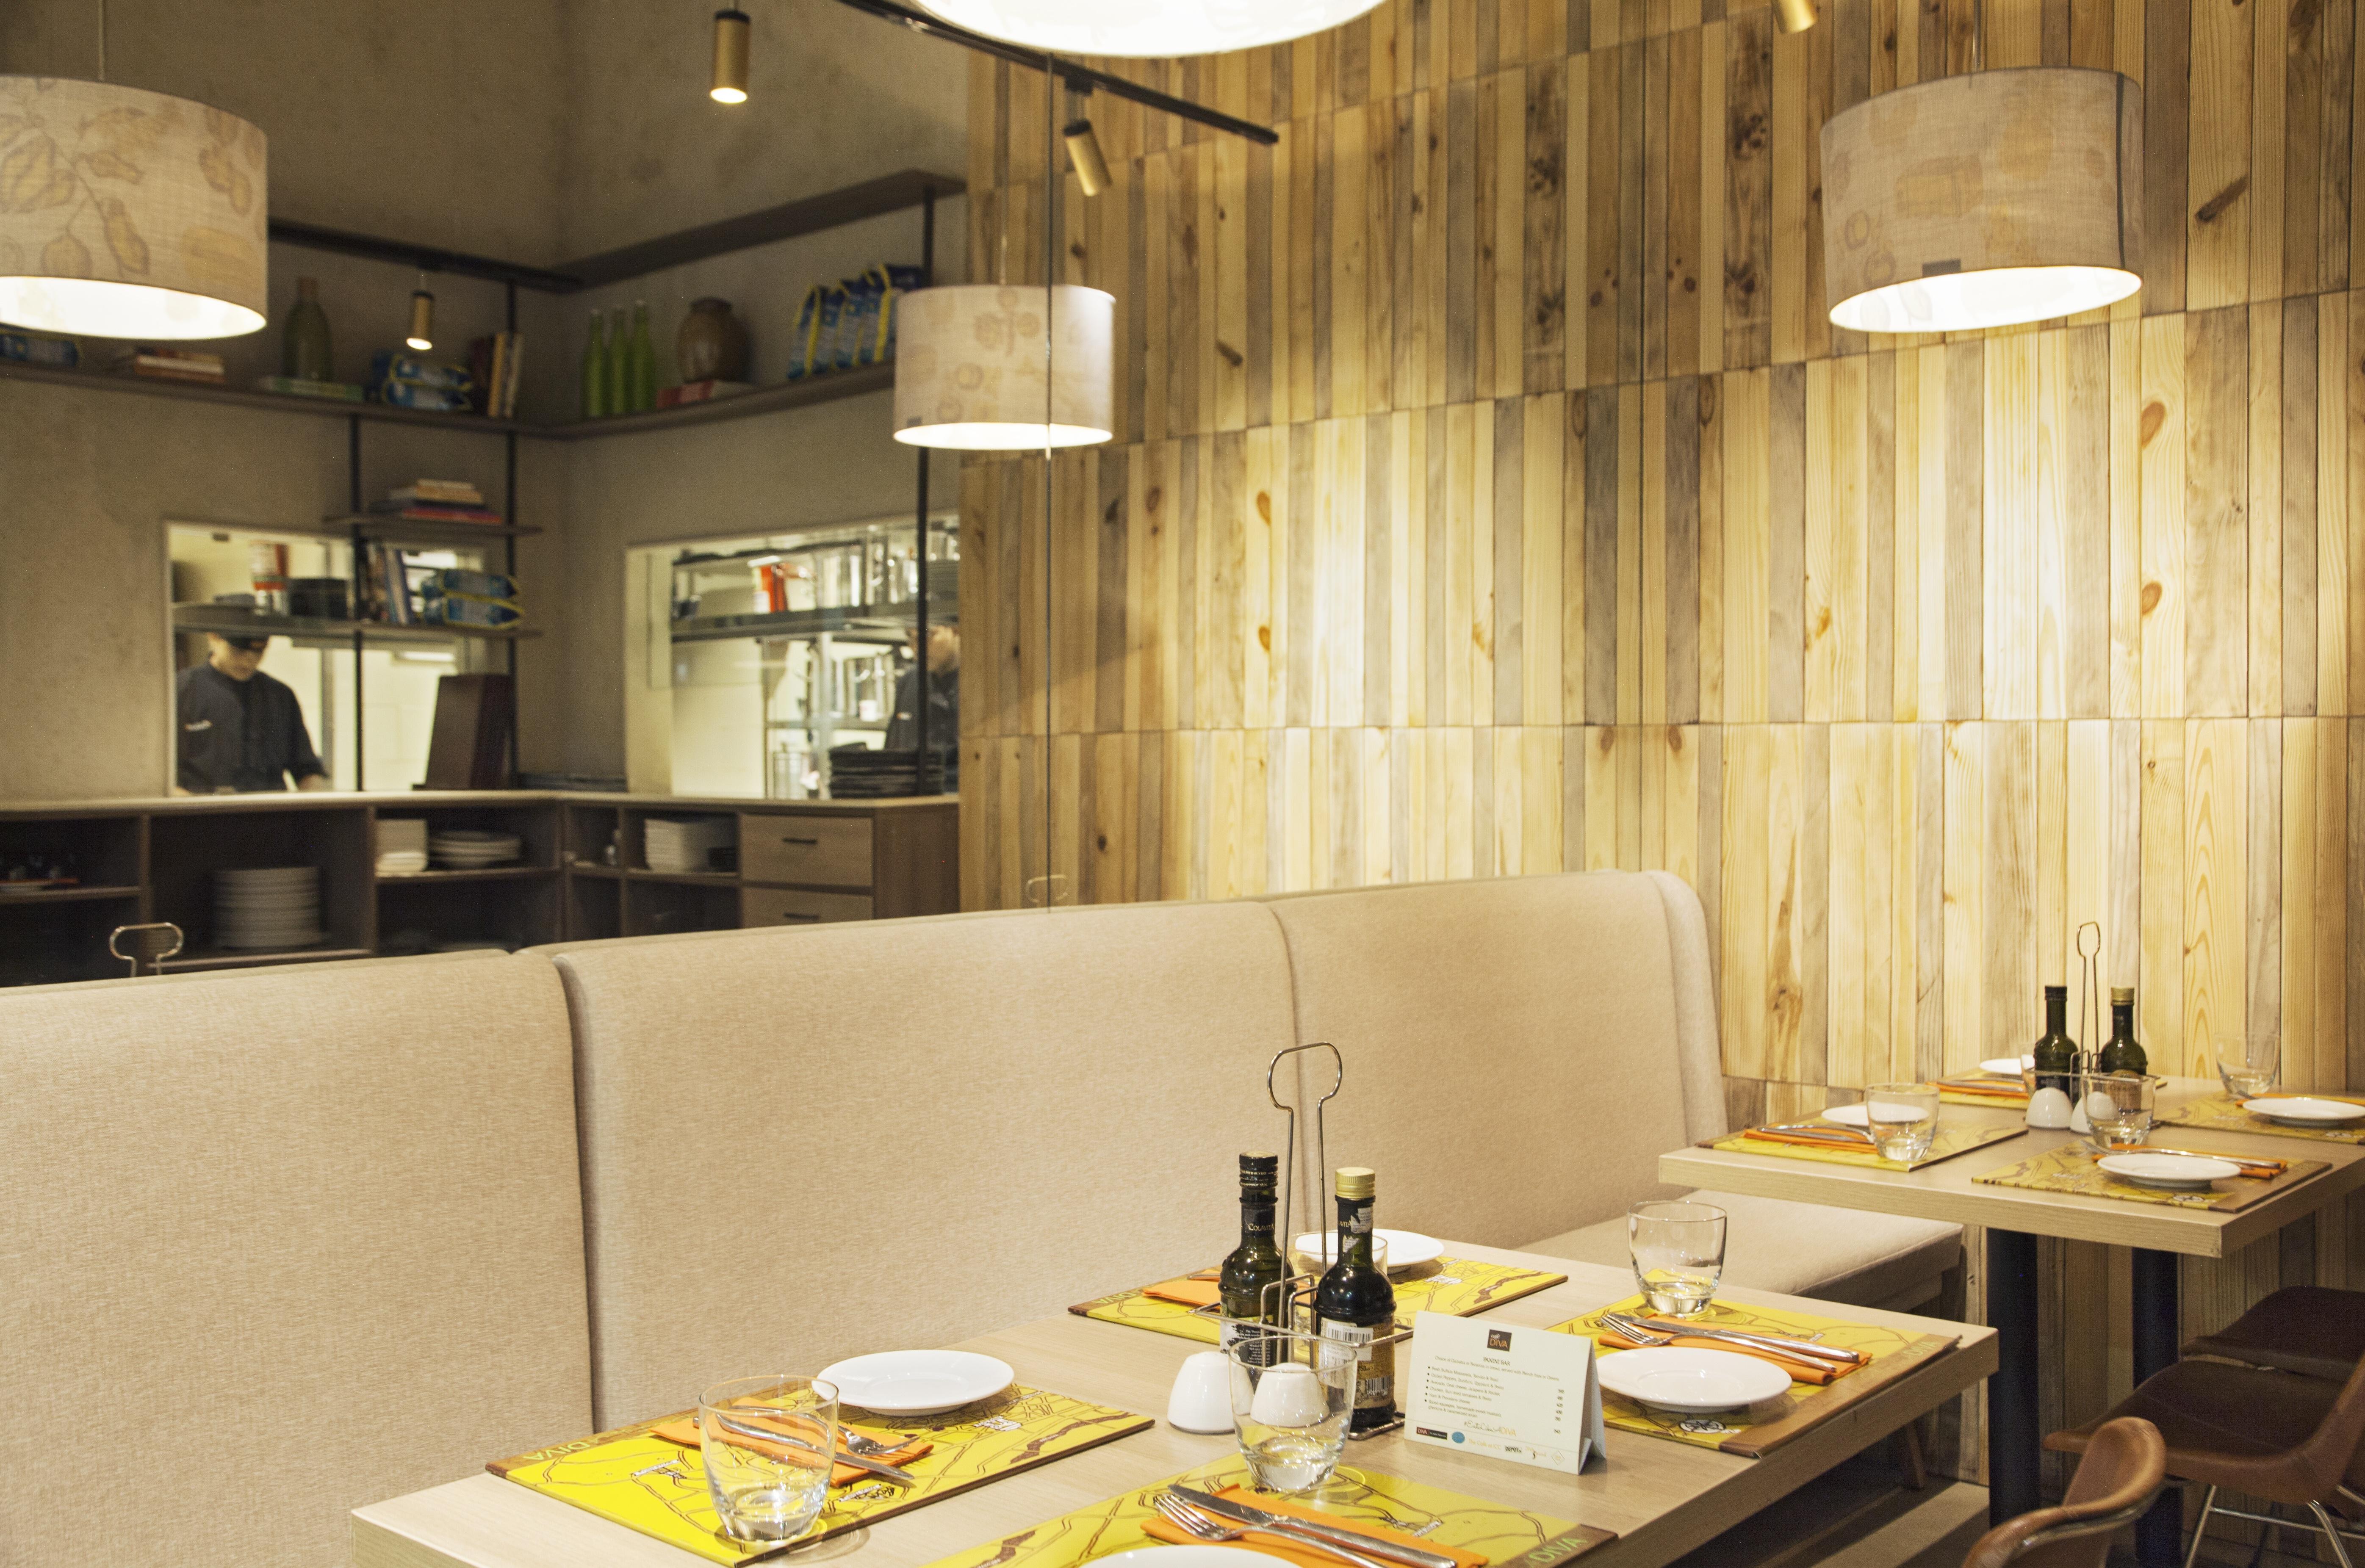 Interior with kitchen